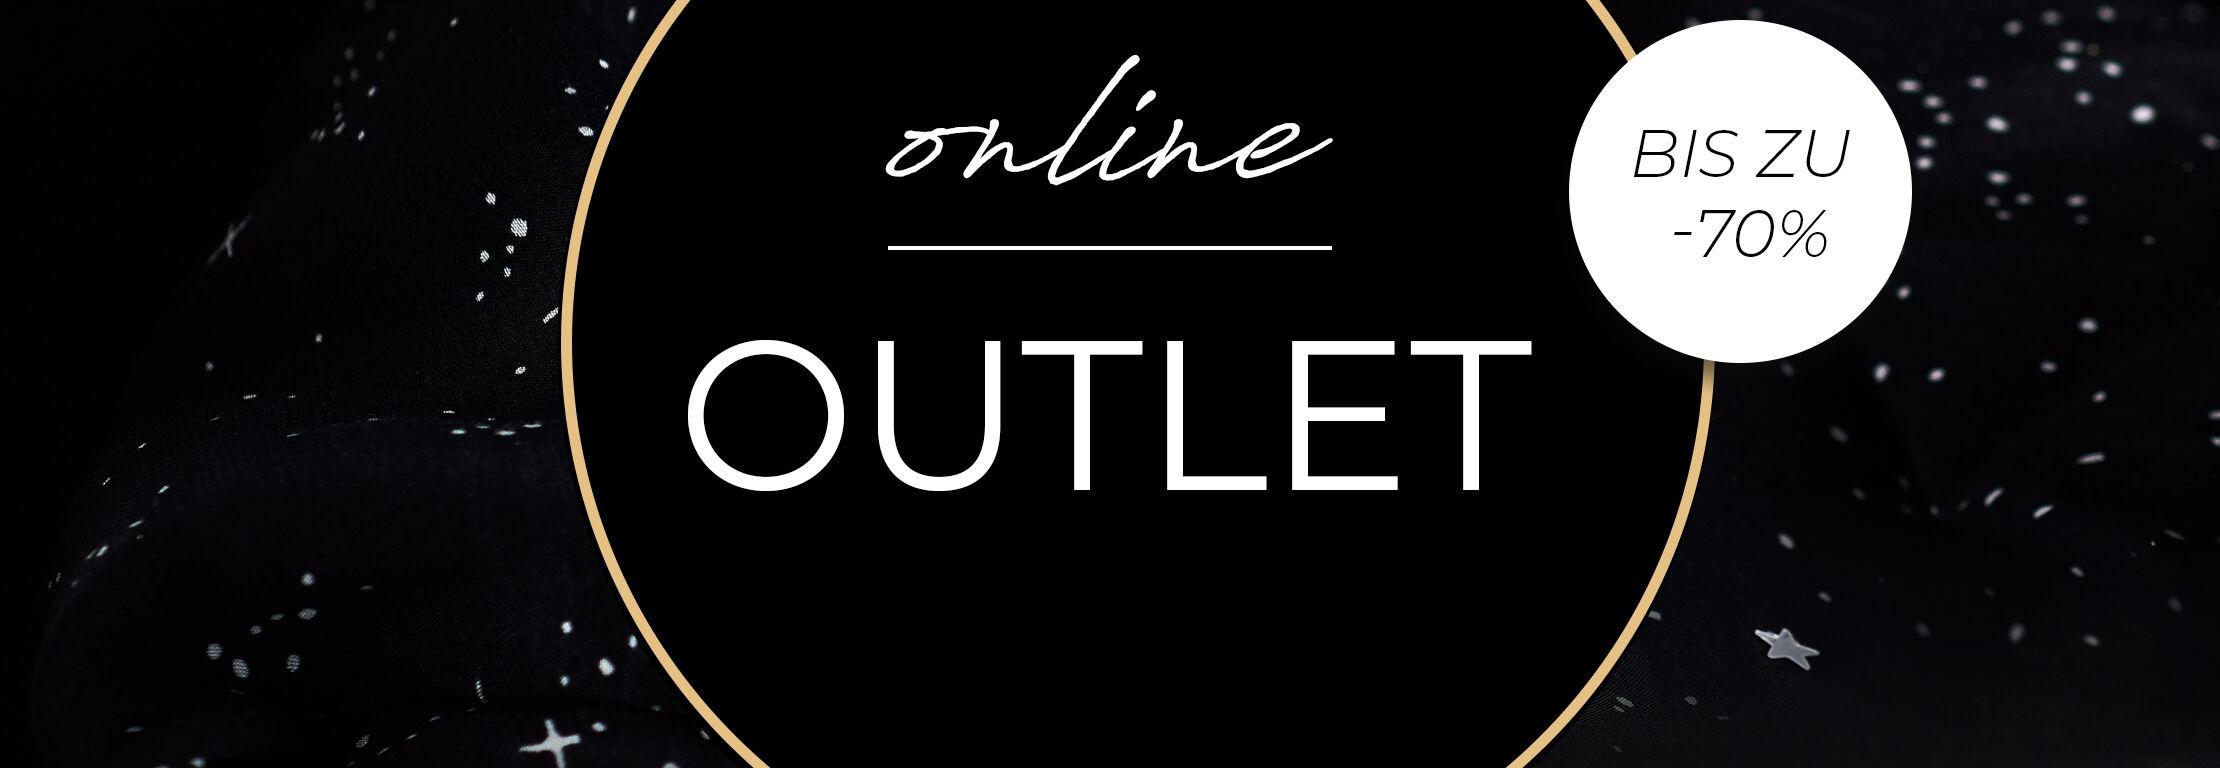 Outlet 2019 im Online Shop: Schmuck stark reduziert THOMAS